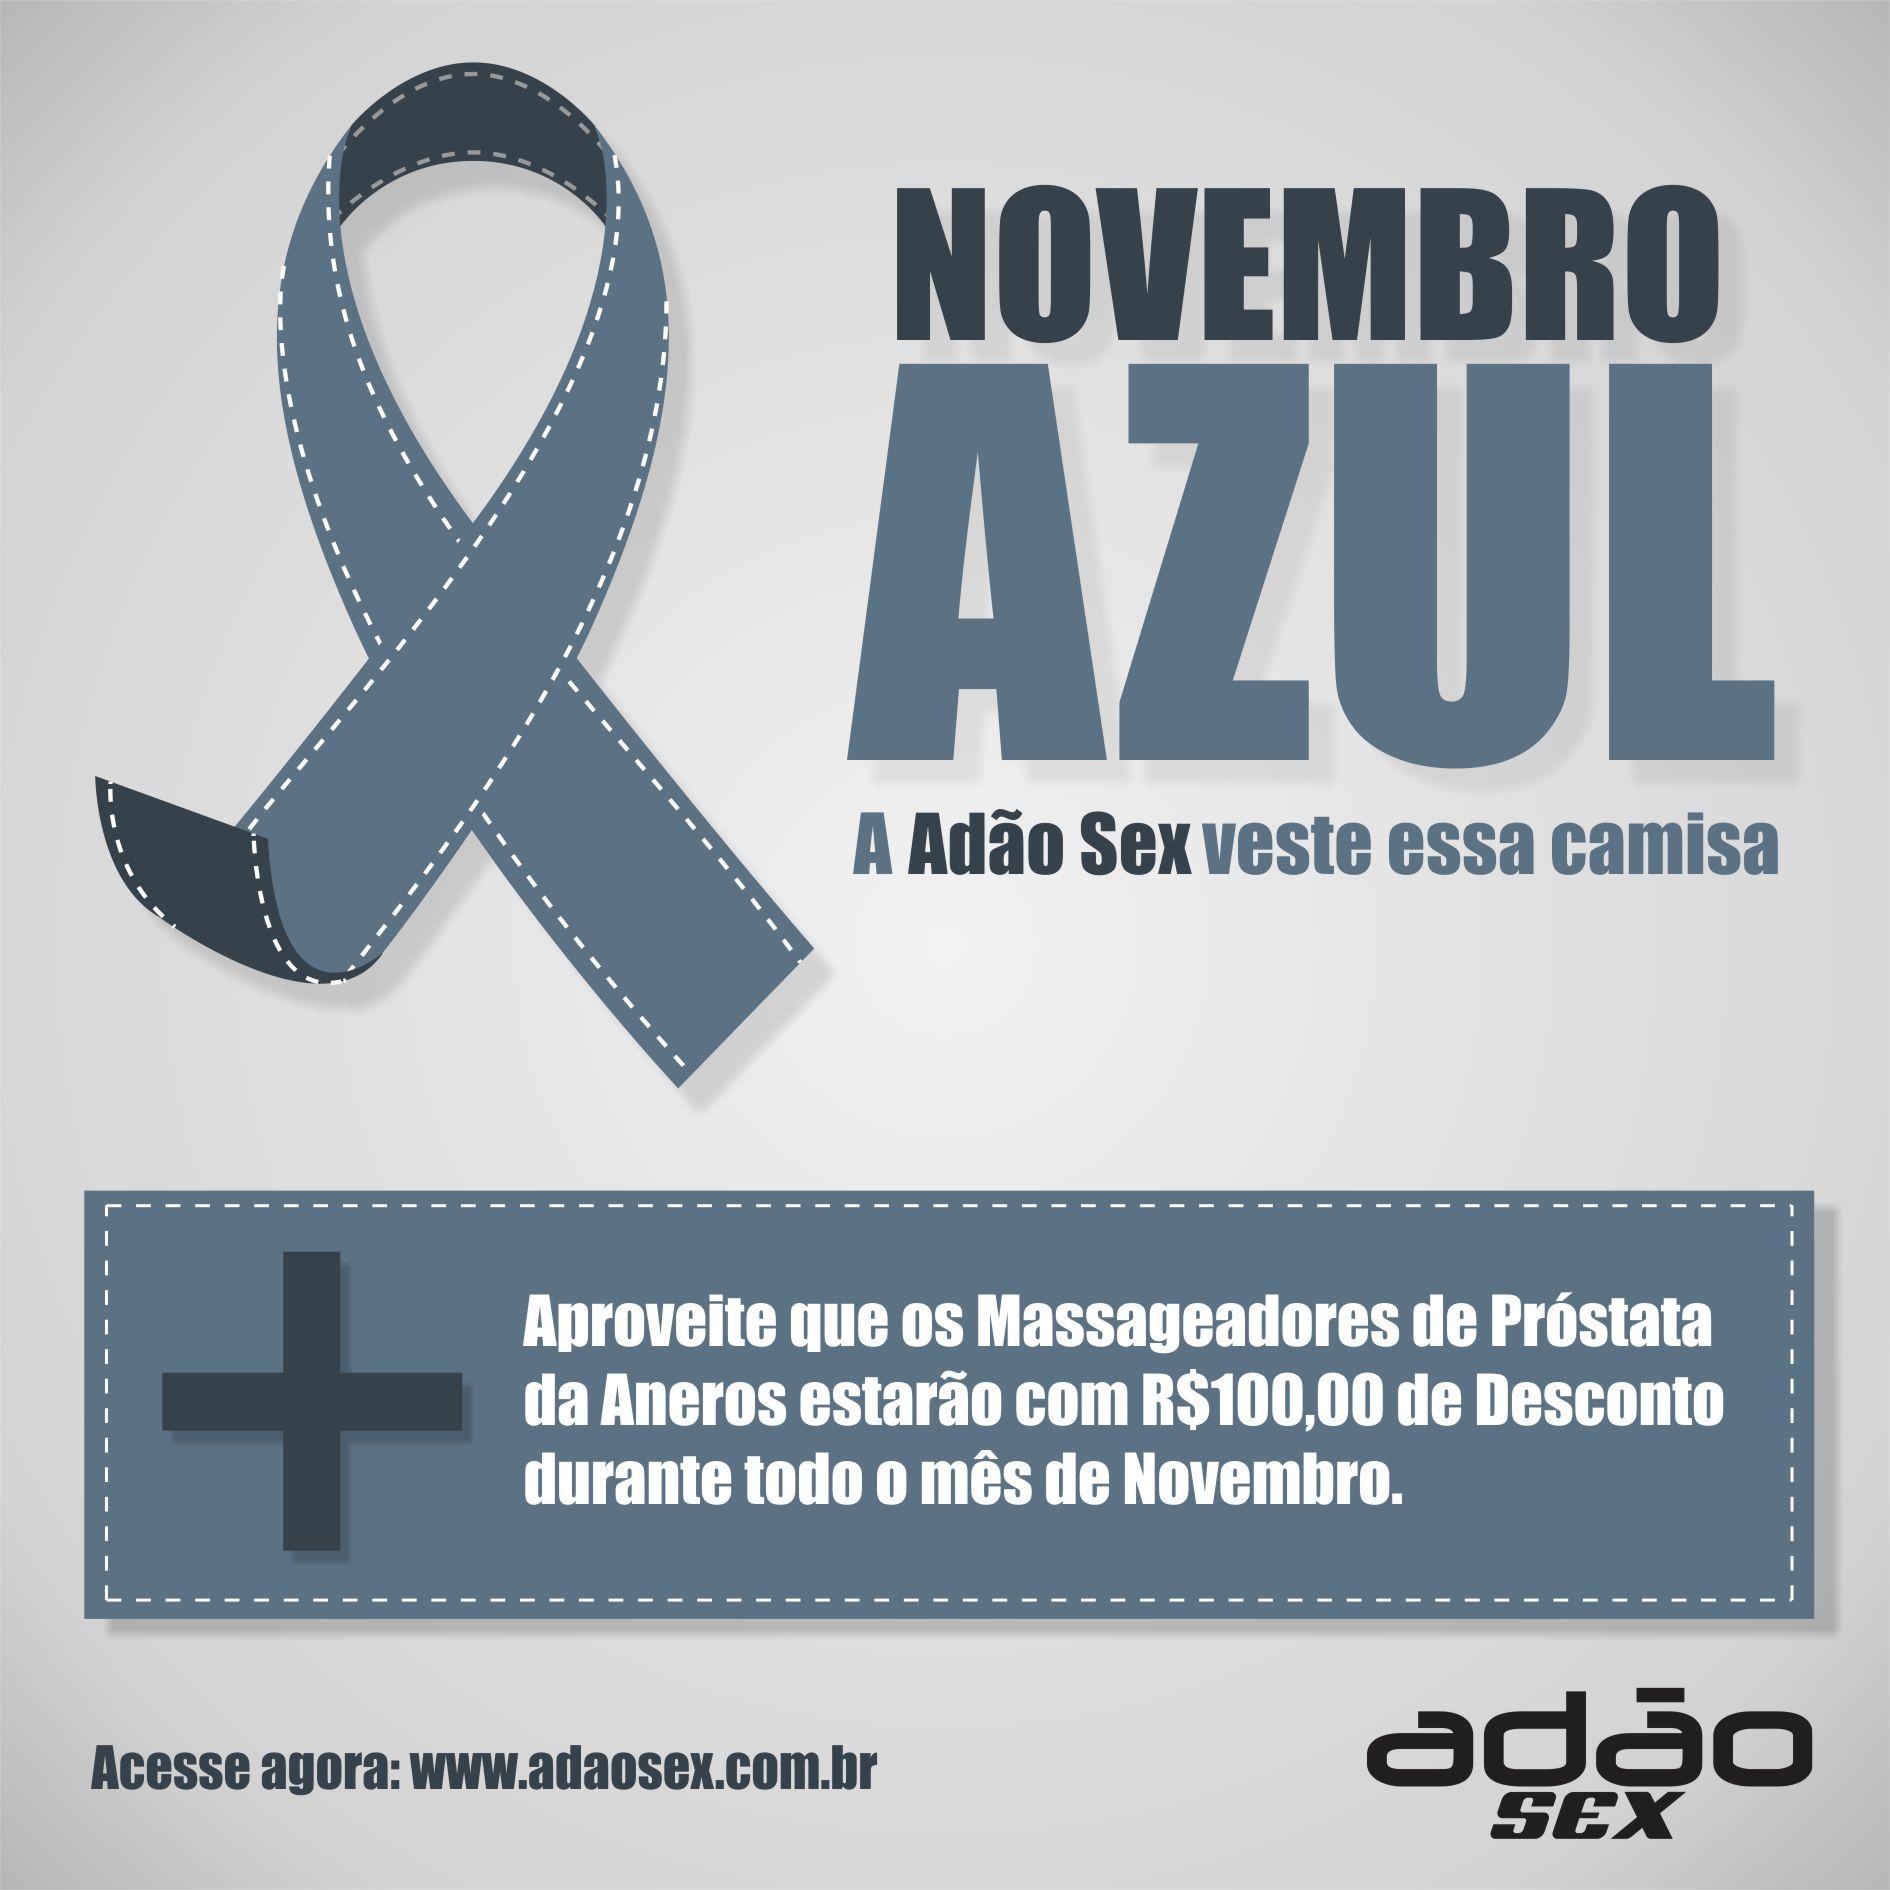 Durante o mês de Novembro, Homens de todo o mundo se unem para a conscientização da prevenção do câncer de próstata. Aproveite e confira nossos massageadores com preços exclusivos.  Acesse e confira: www.adaosex.com.br